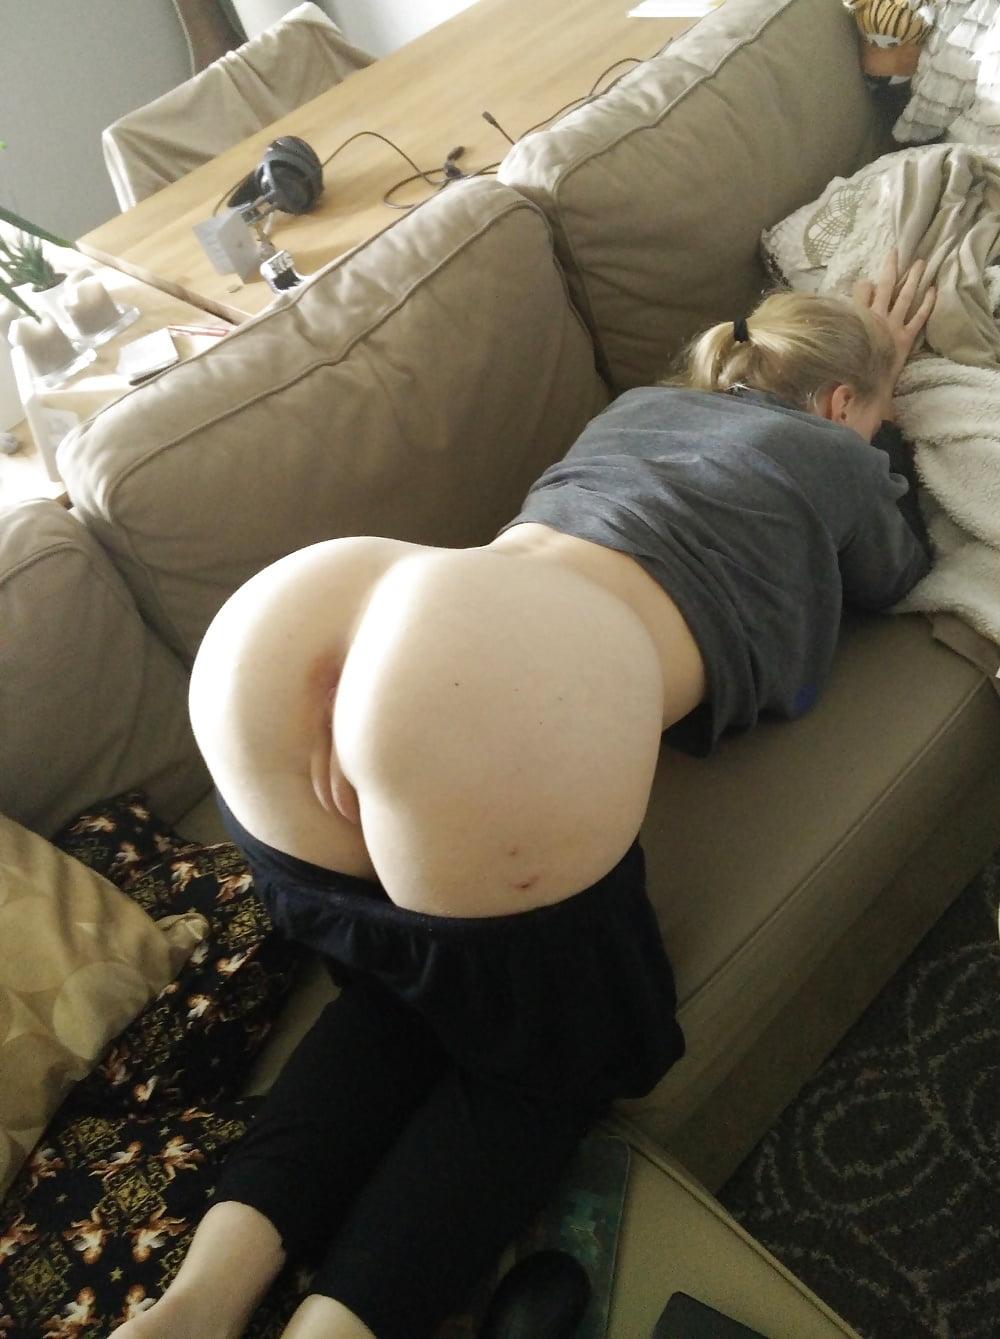 kverhu-popoy-porno-foto-telka-soblaznila-muzhika-porno